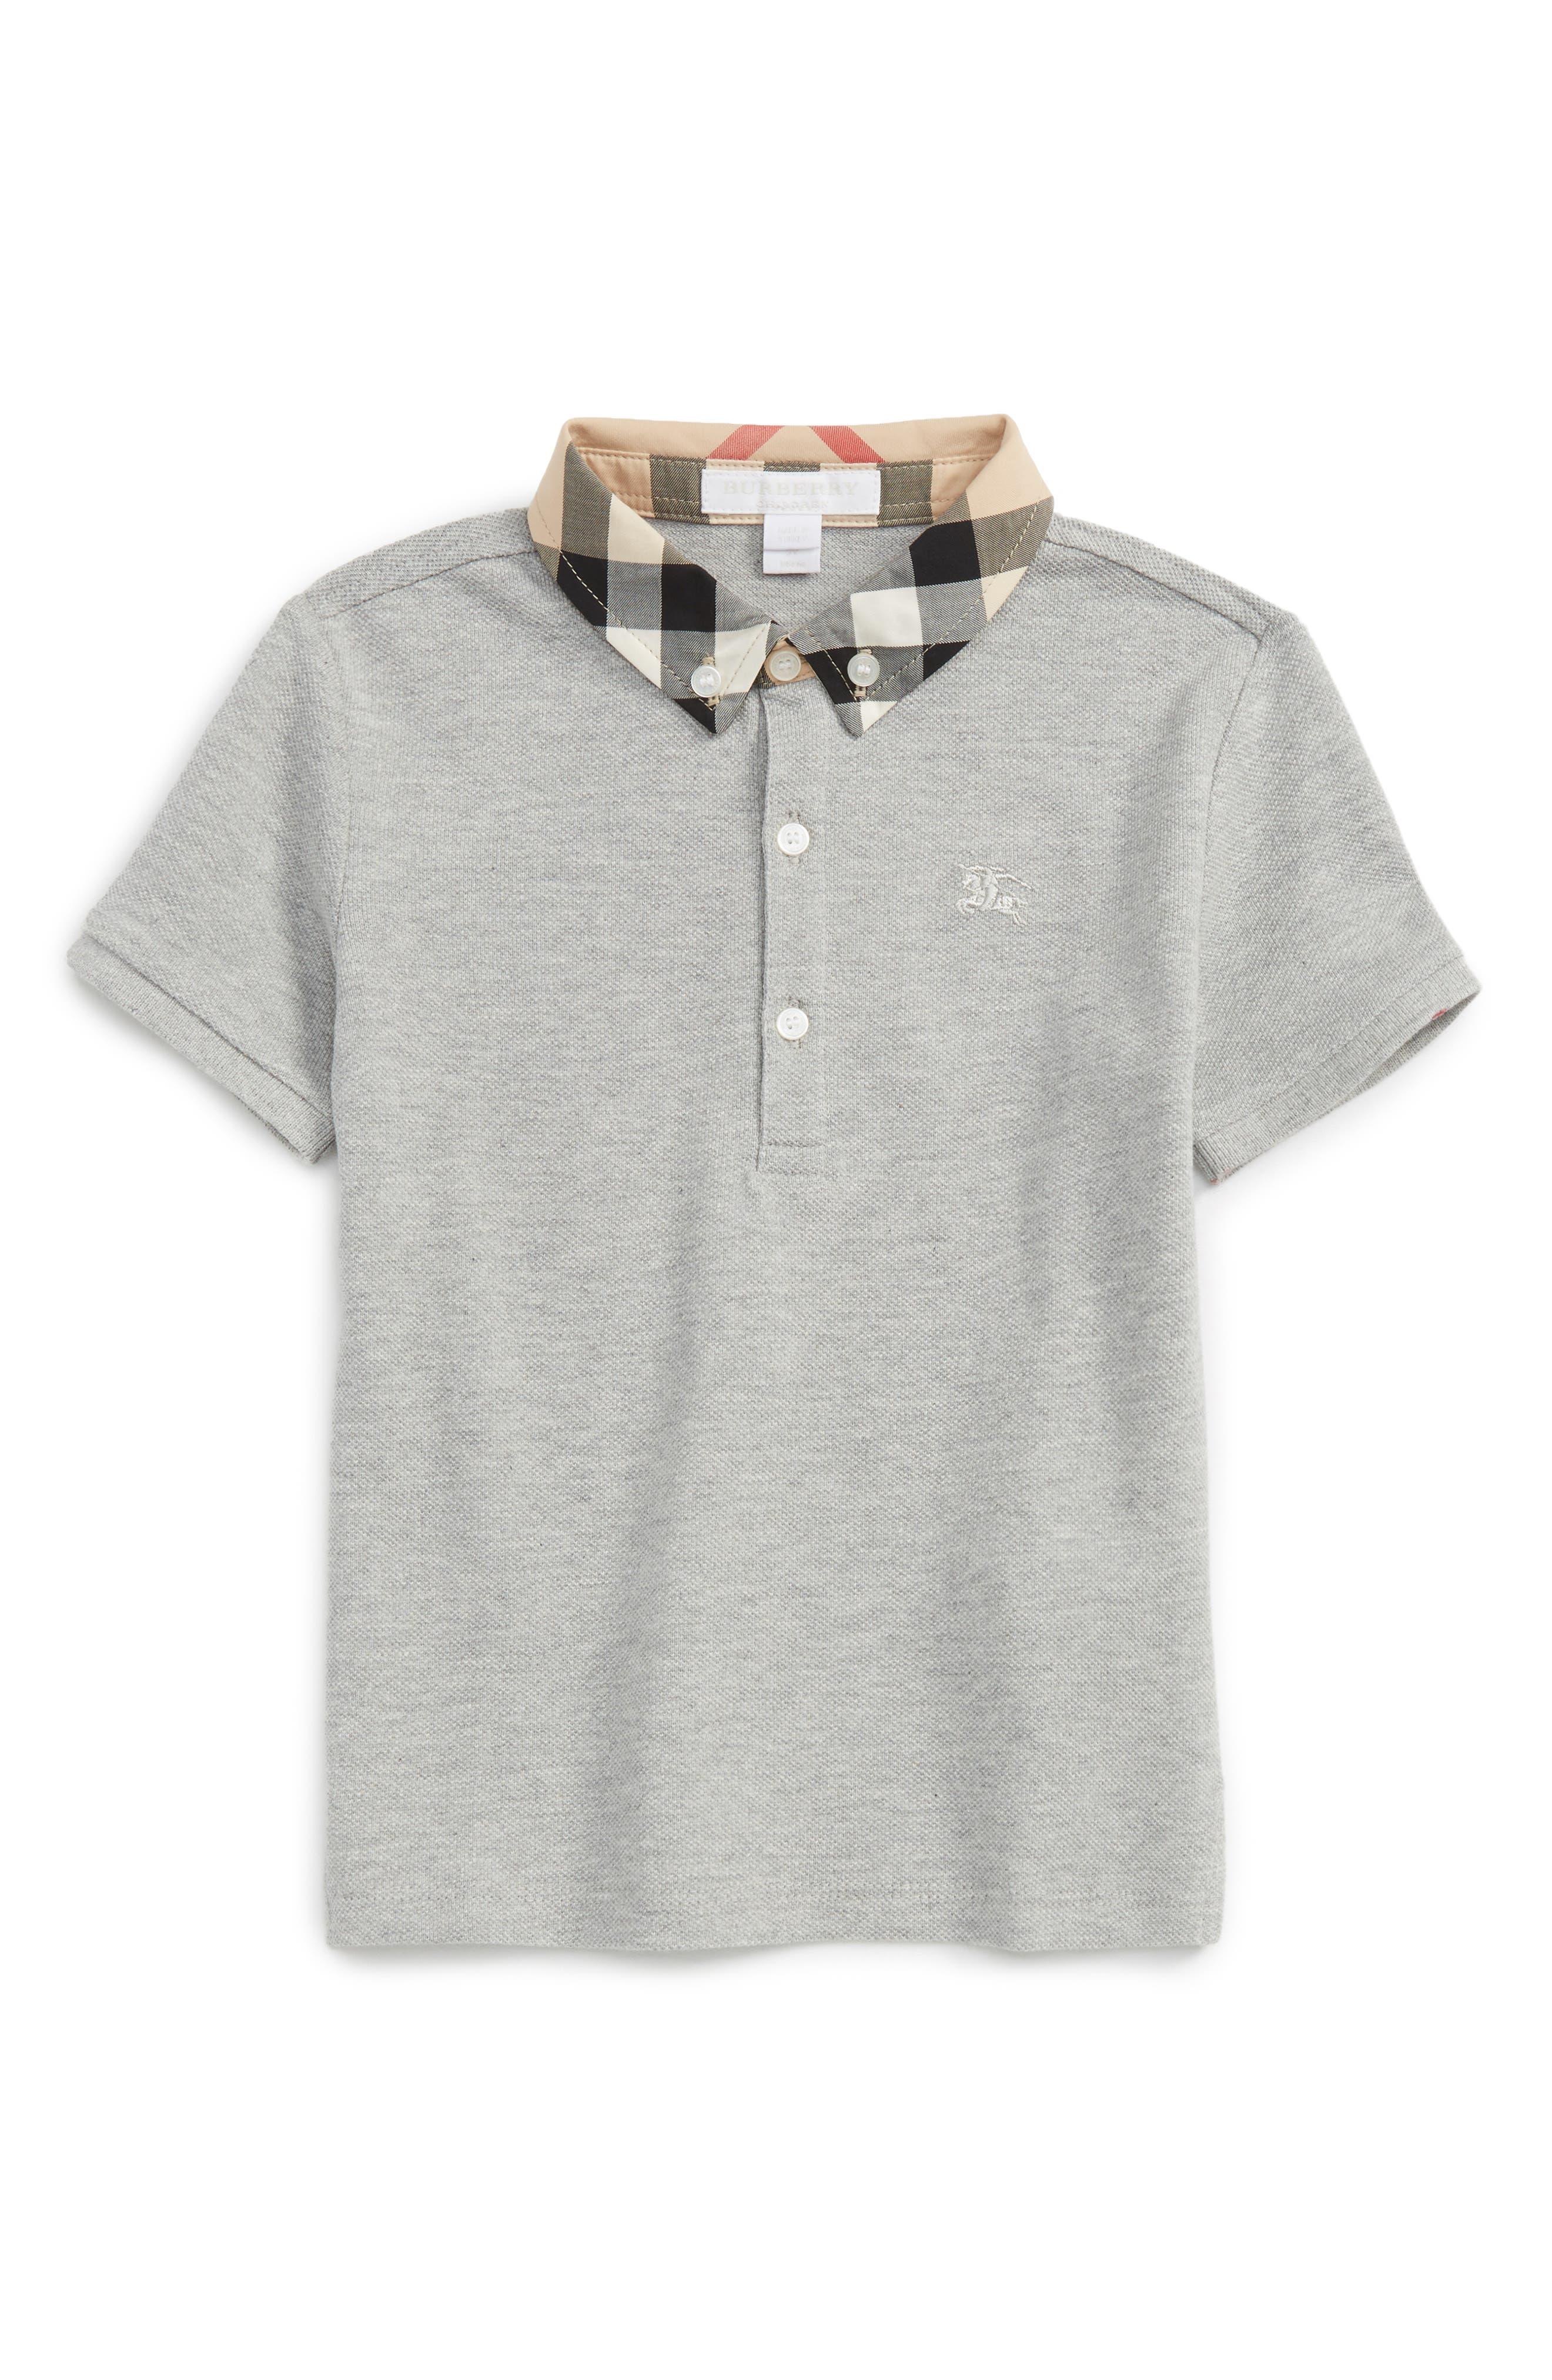 Main Image - Burberry Check Collar Polo (Toddler Boys)